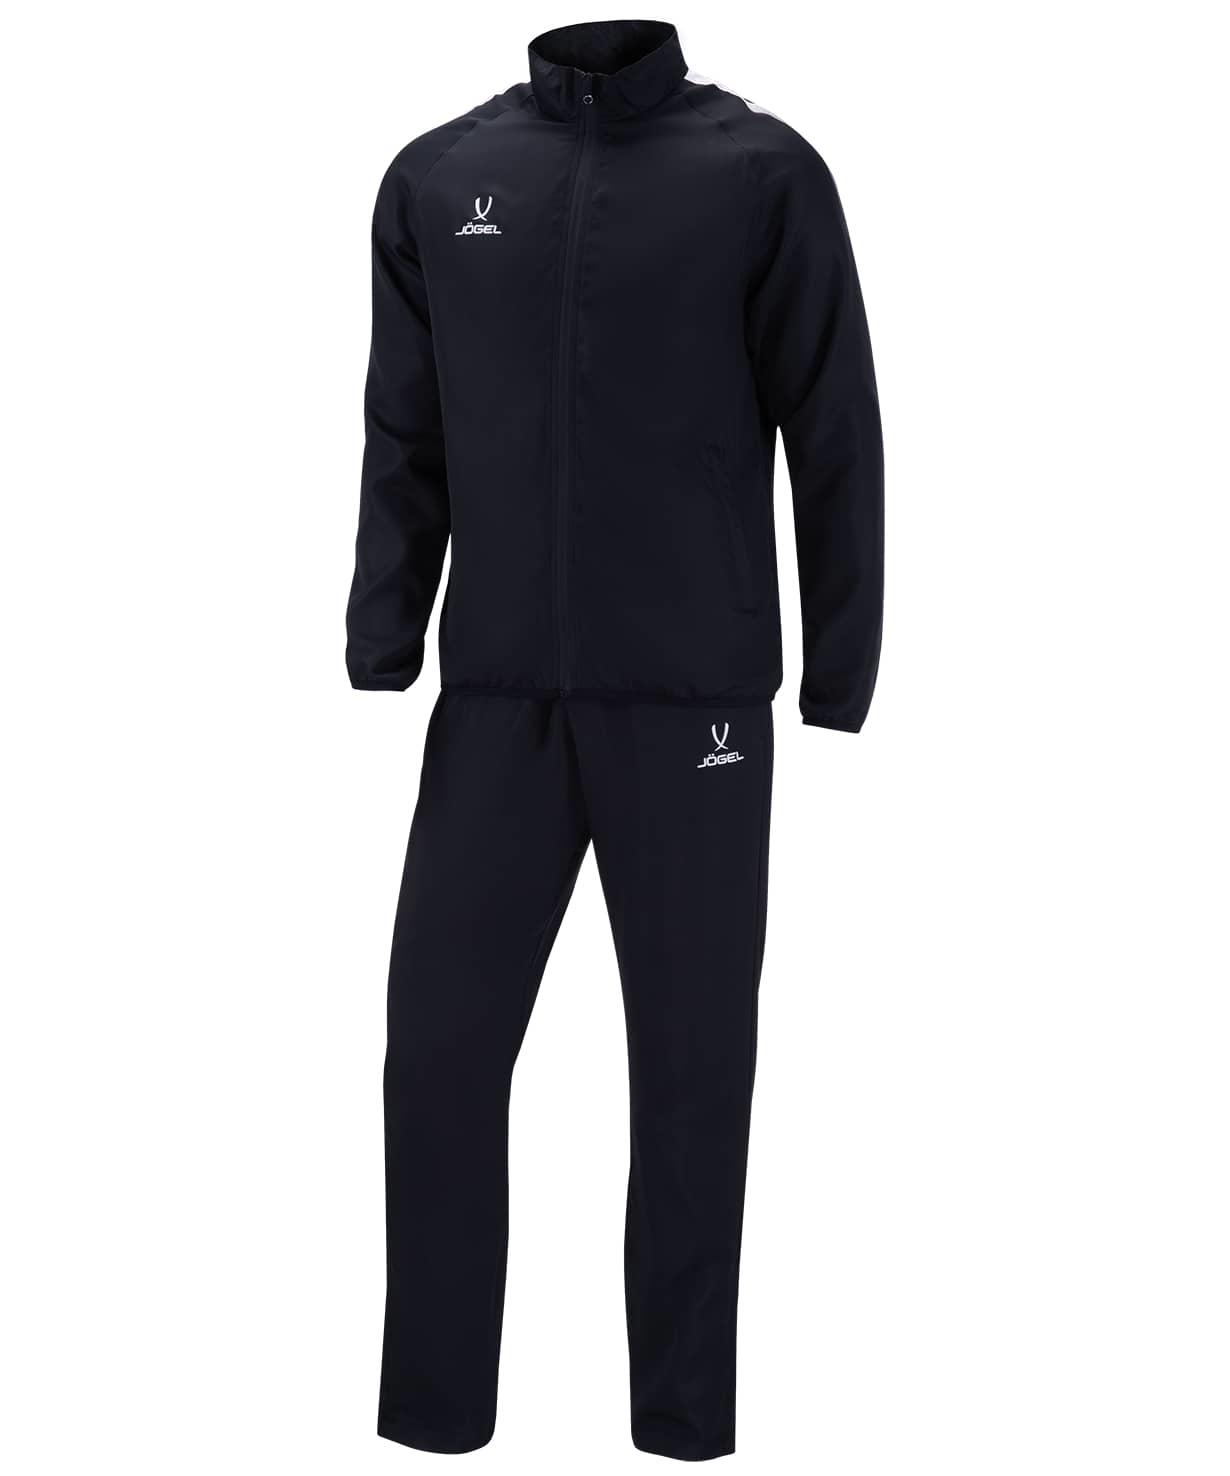 Костюм спортивный CAMP Lined Suit, черный/черный/белый